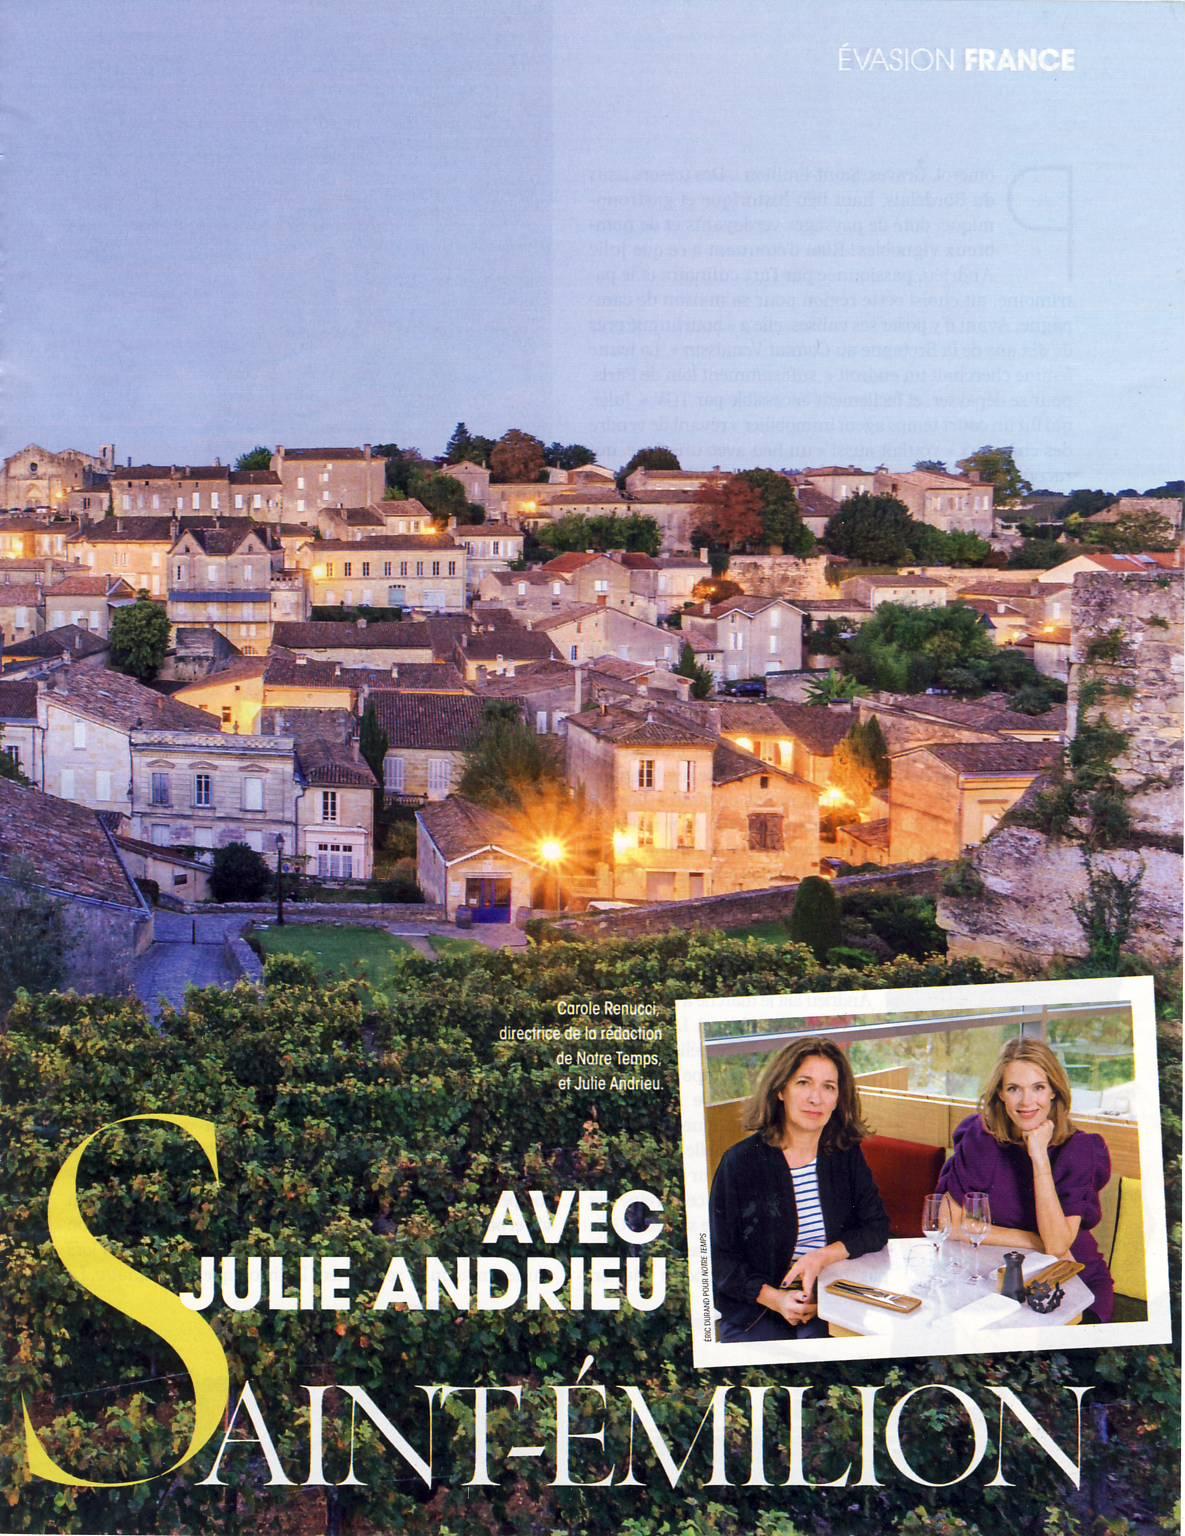 Du côté de Saint-Emilion avec Julie Andrieu – Notre Temps